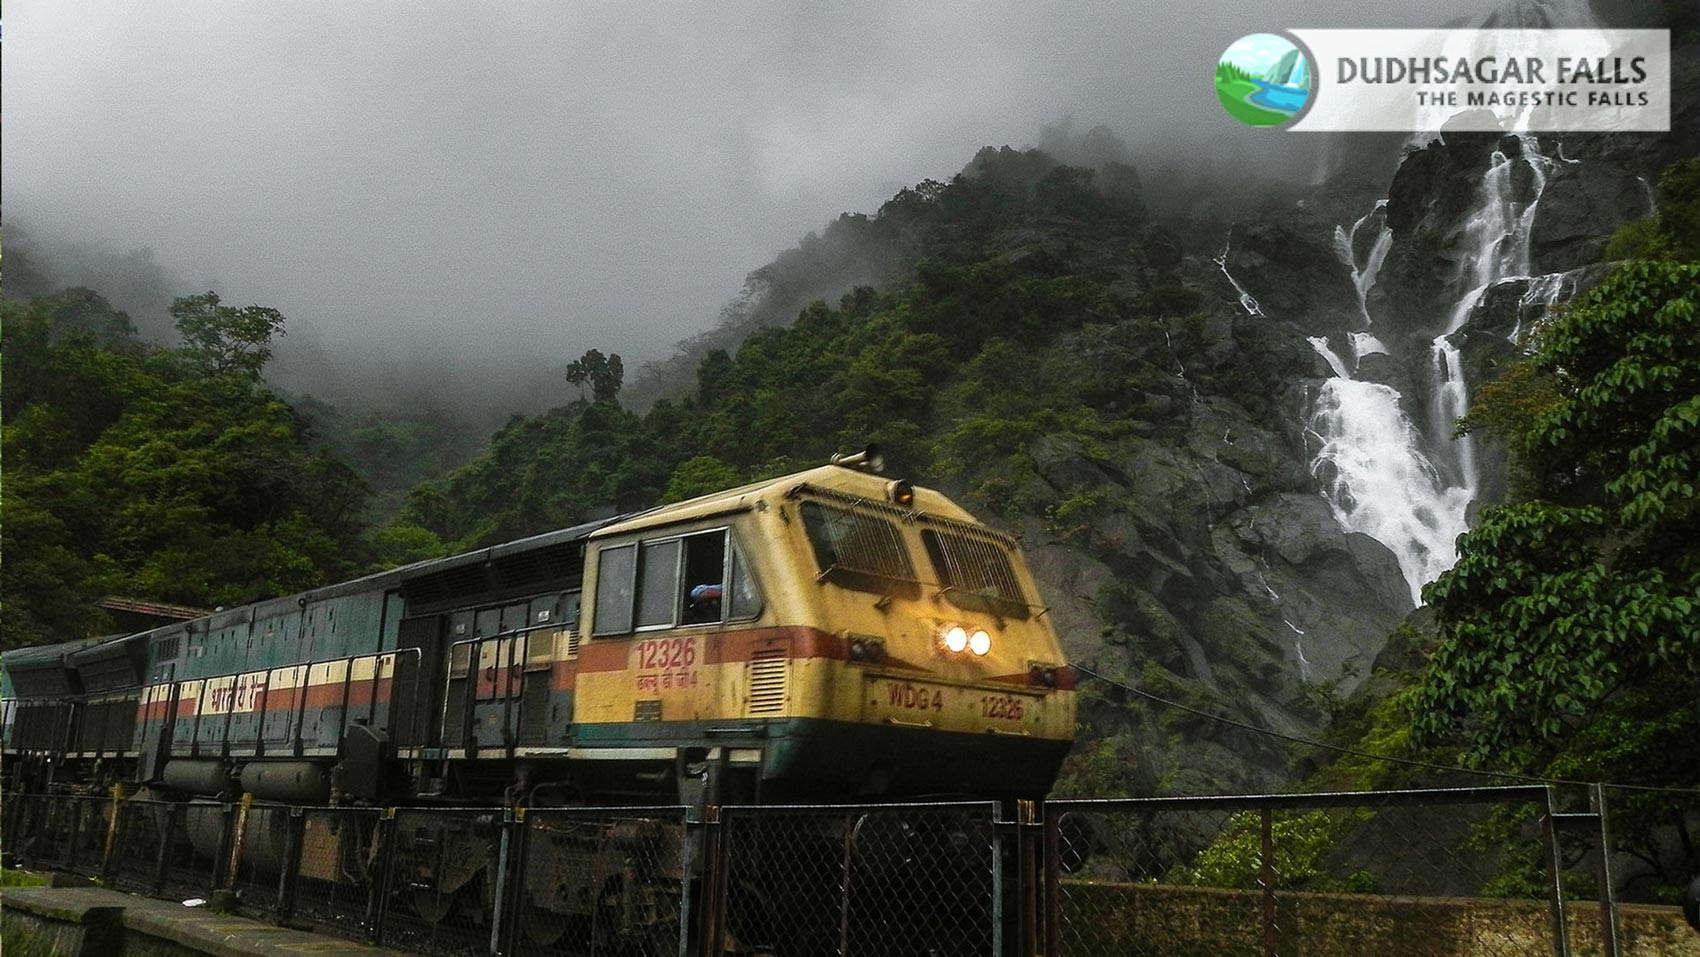 Dudhsagar Waterfall Train-Station - Goa